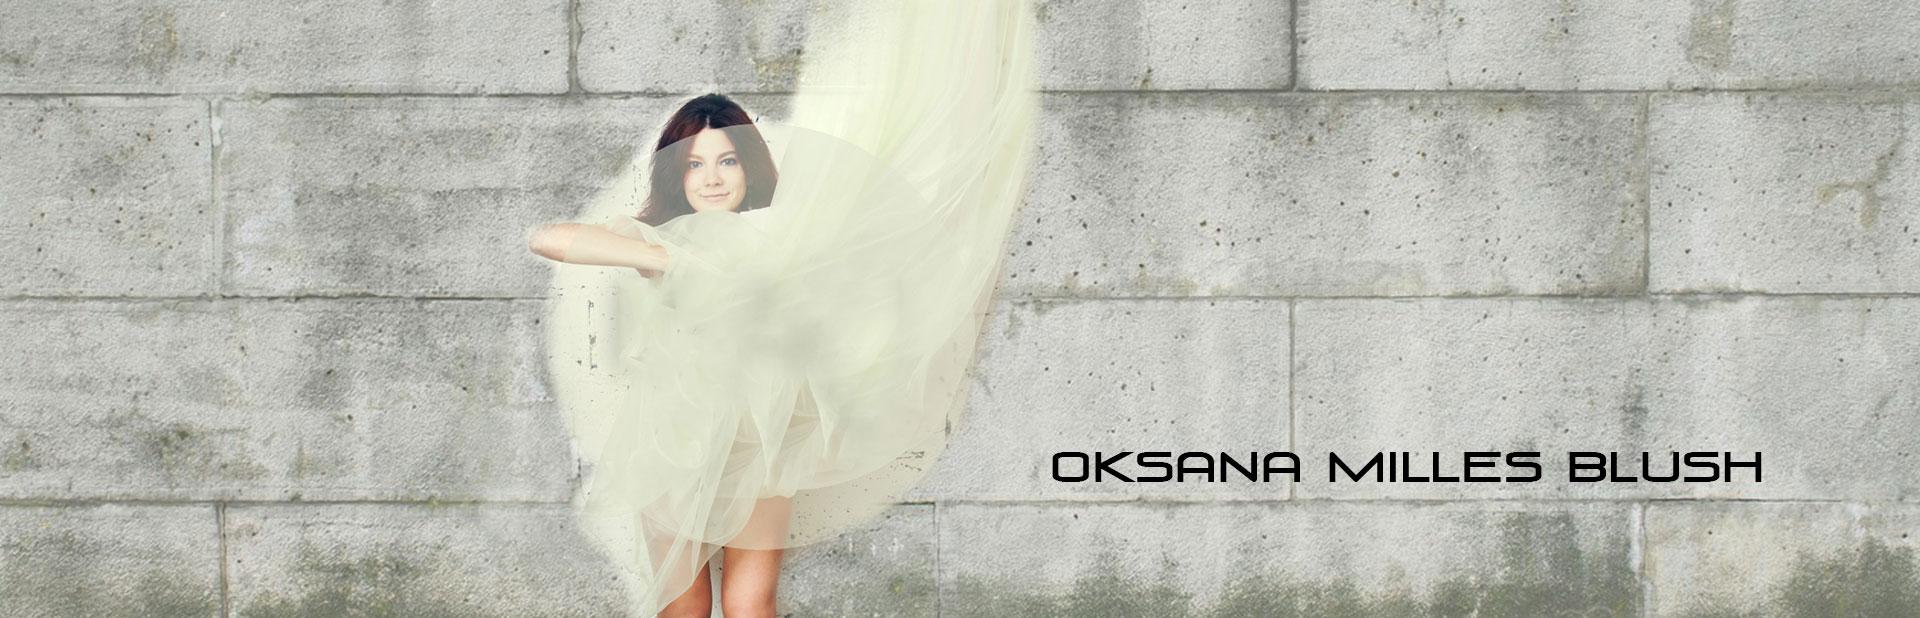 Oksana Milles Blush